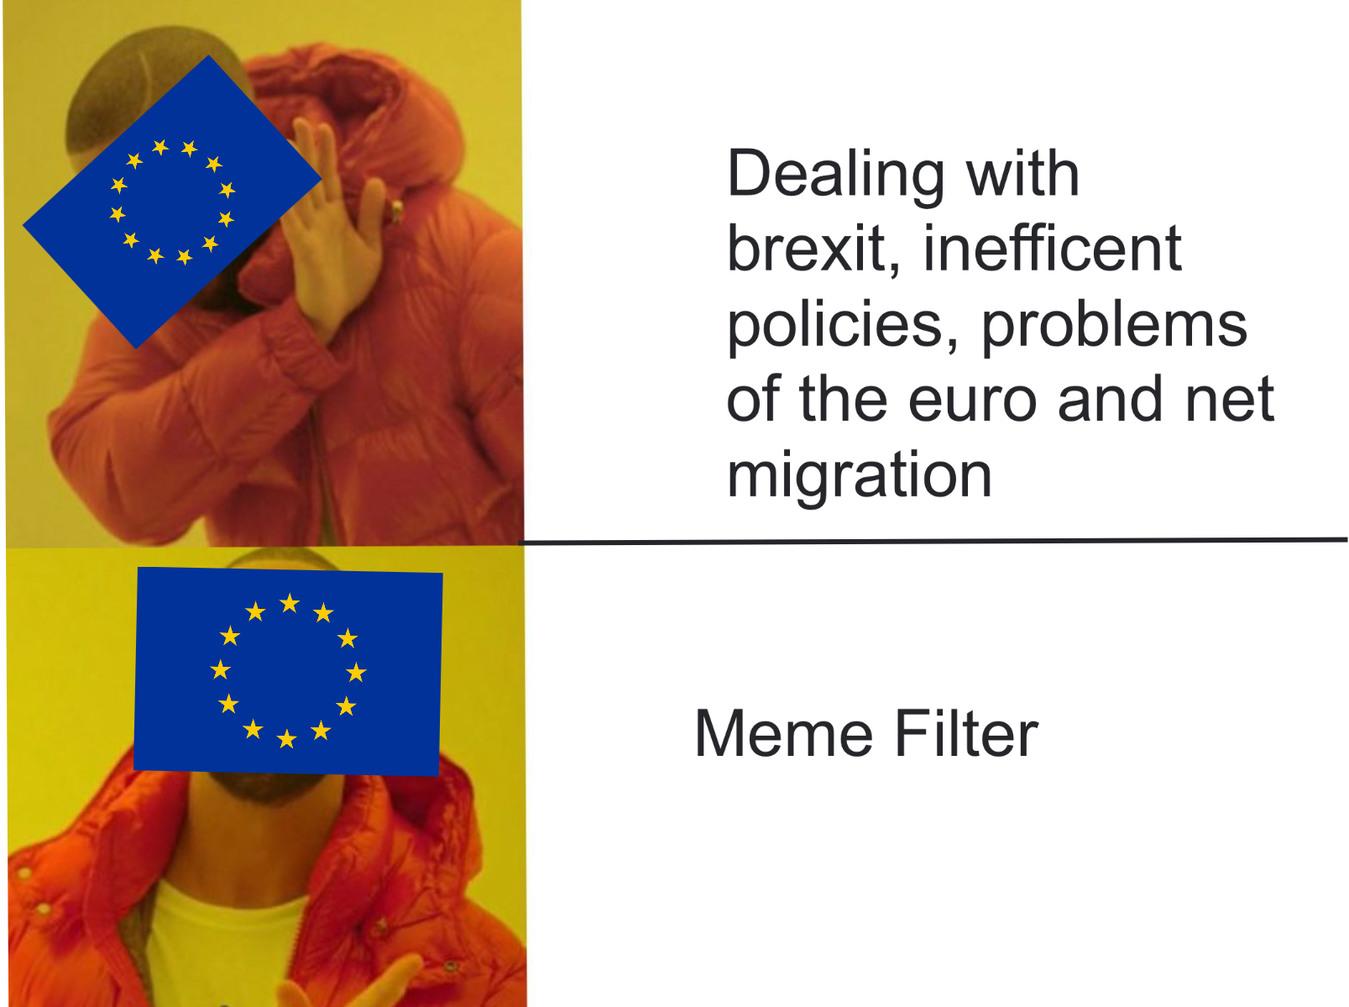 Brexit means brexit - meme